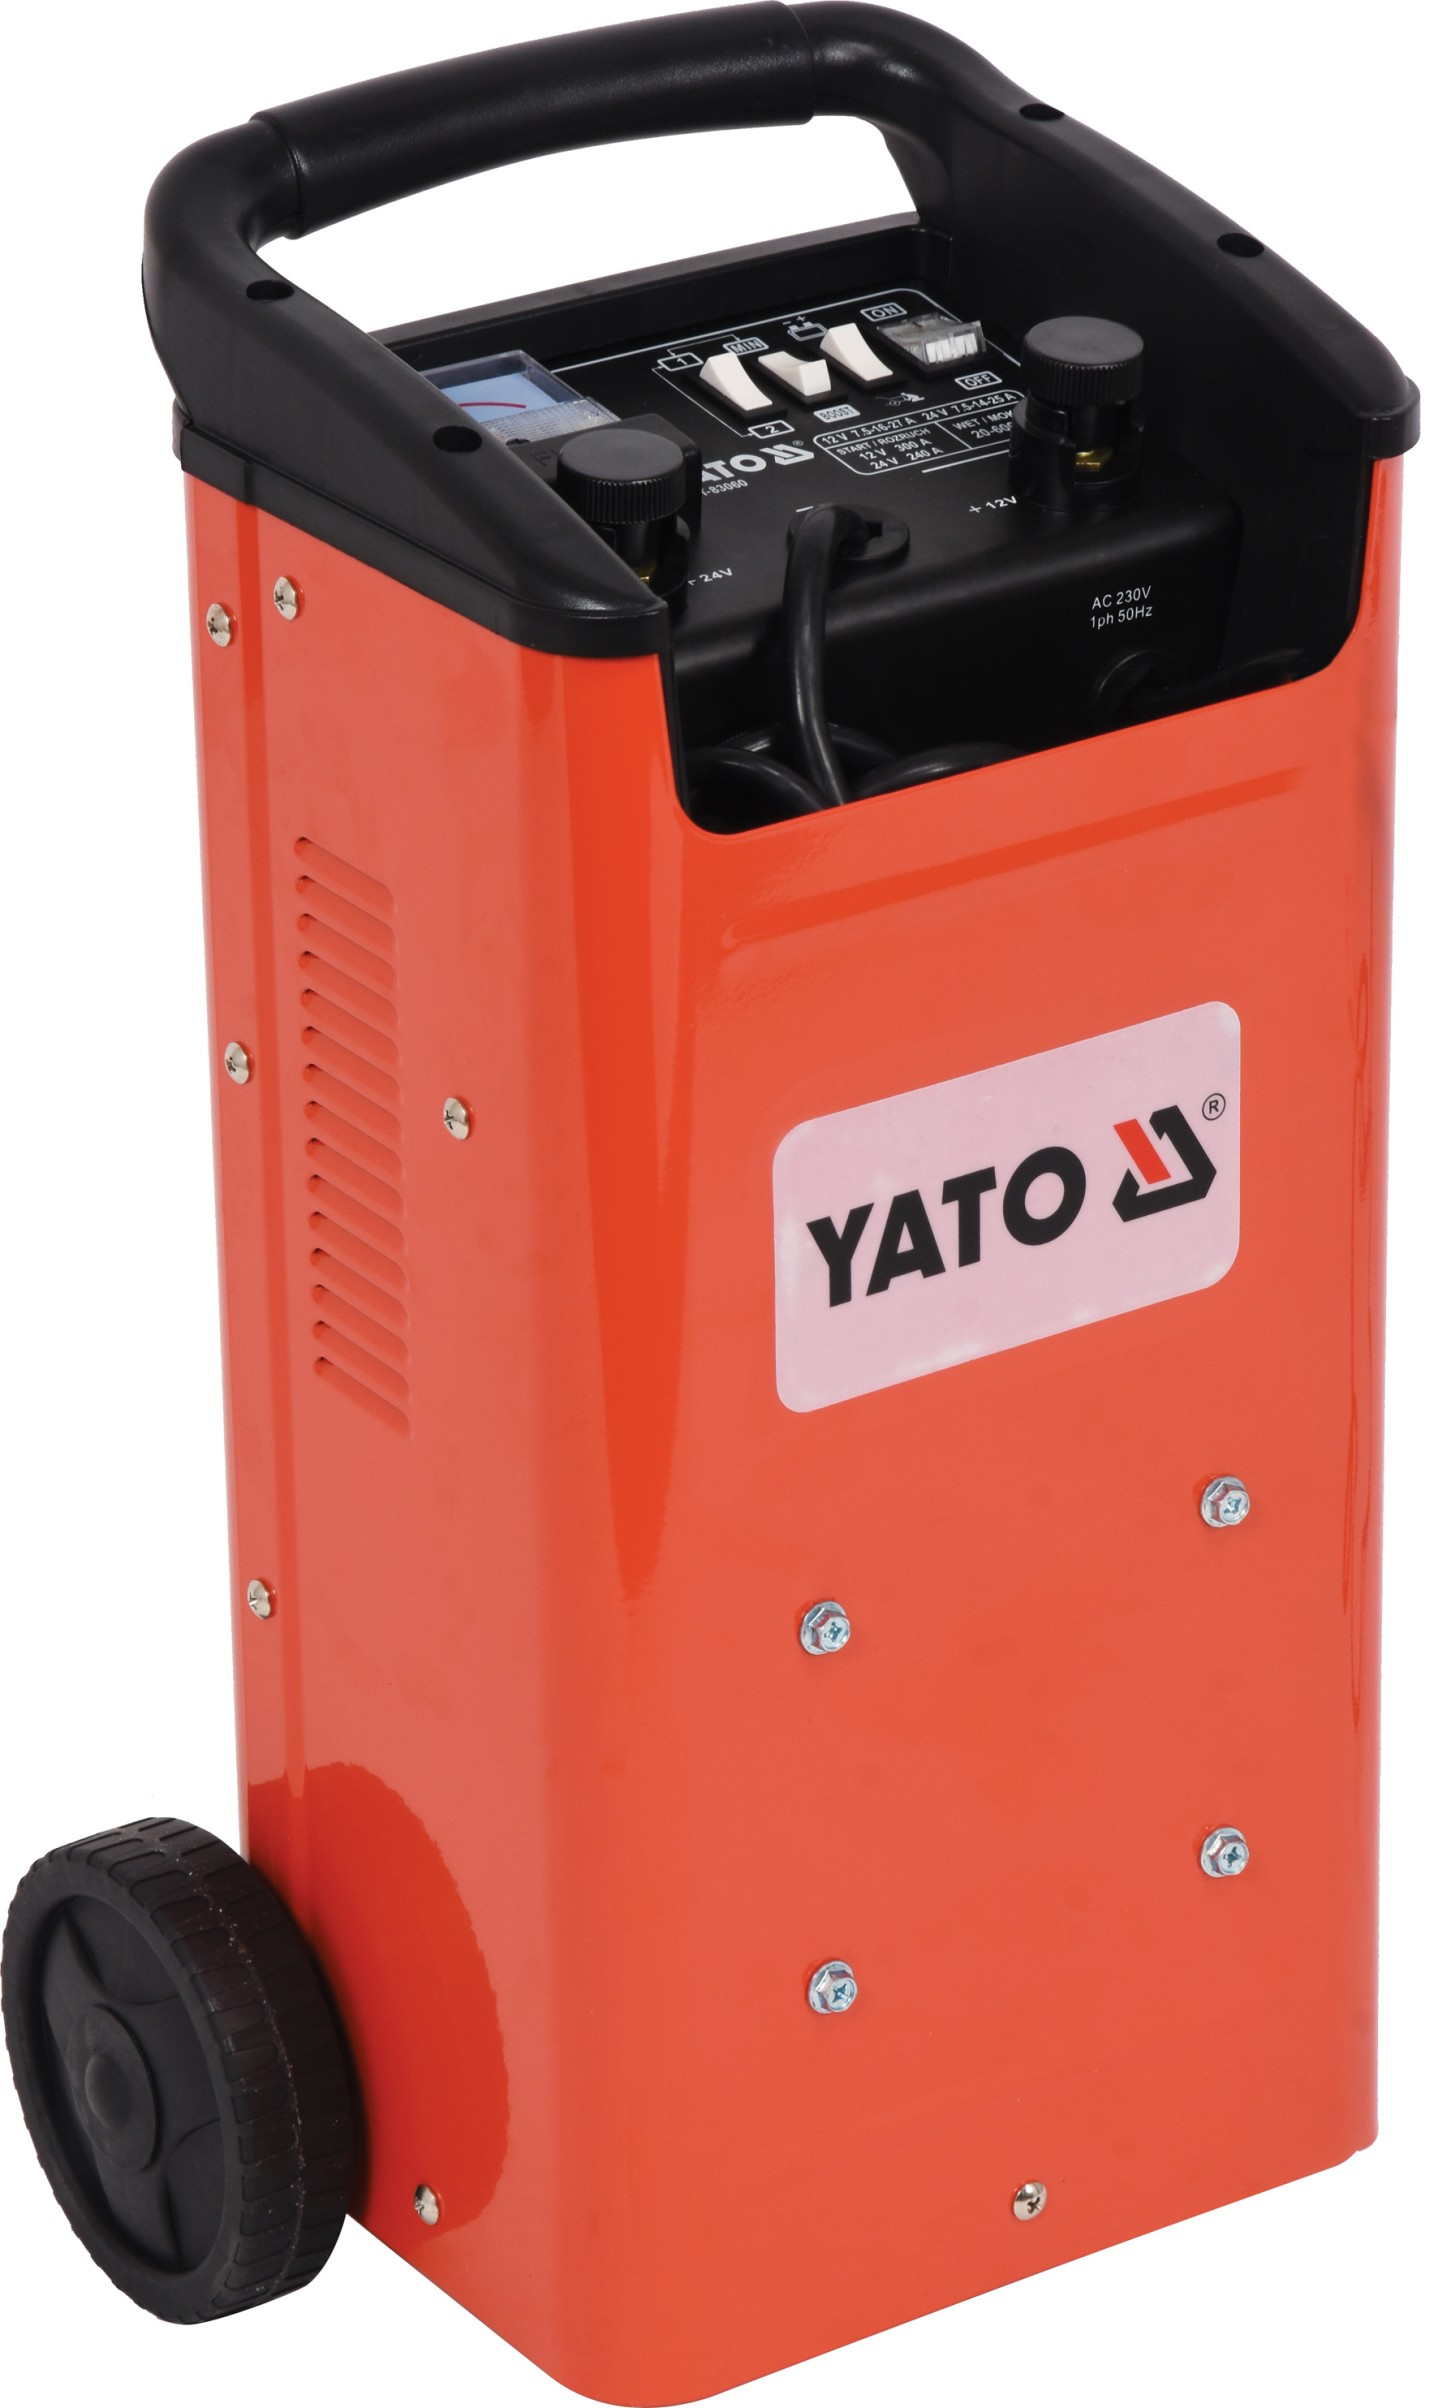 YATO YT-83060 Nabíječka s funkcí startovací stanice 12V-300A / 24V-240A